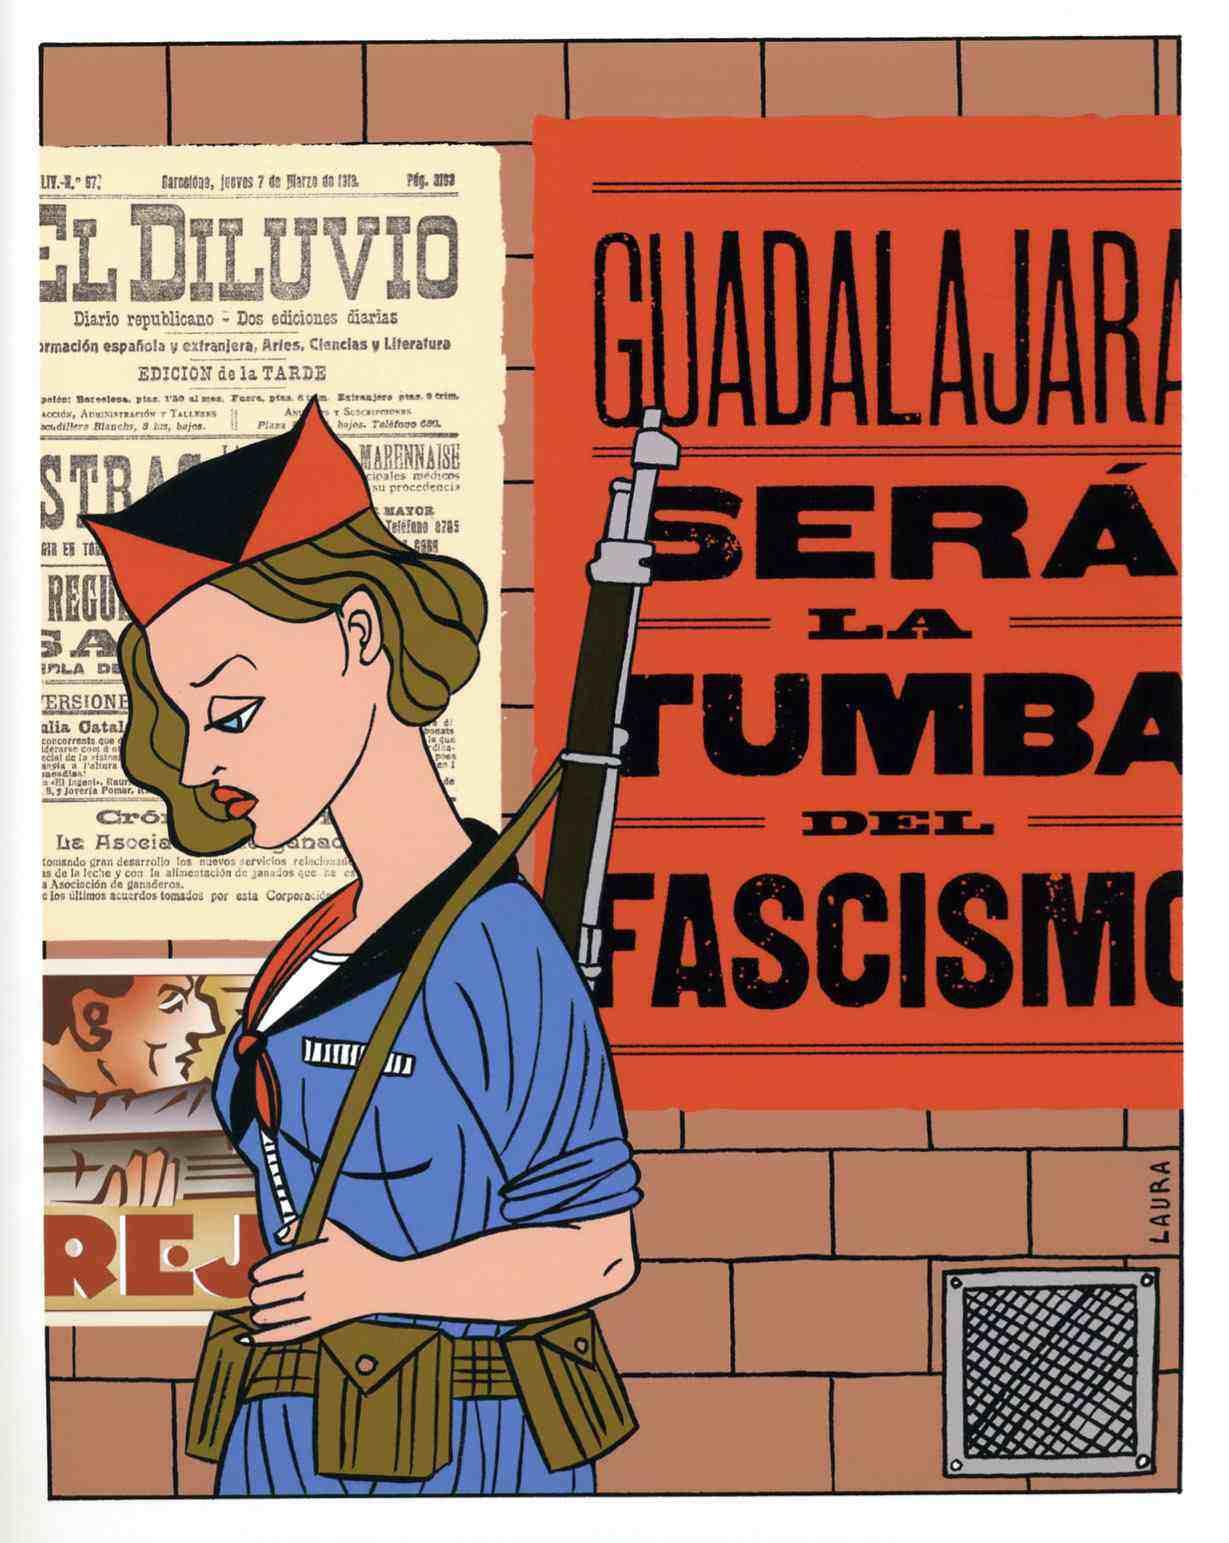 Laura/Guadalajara será la tumba del fascismo